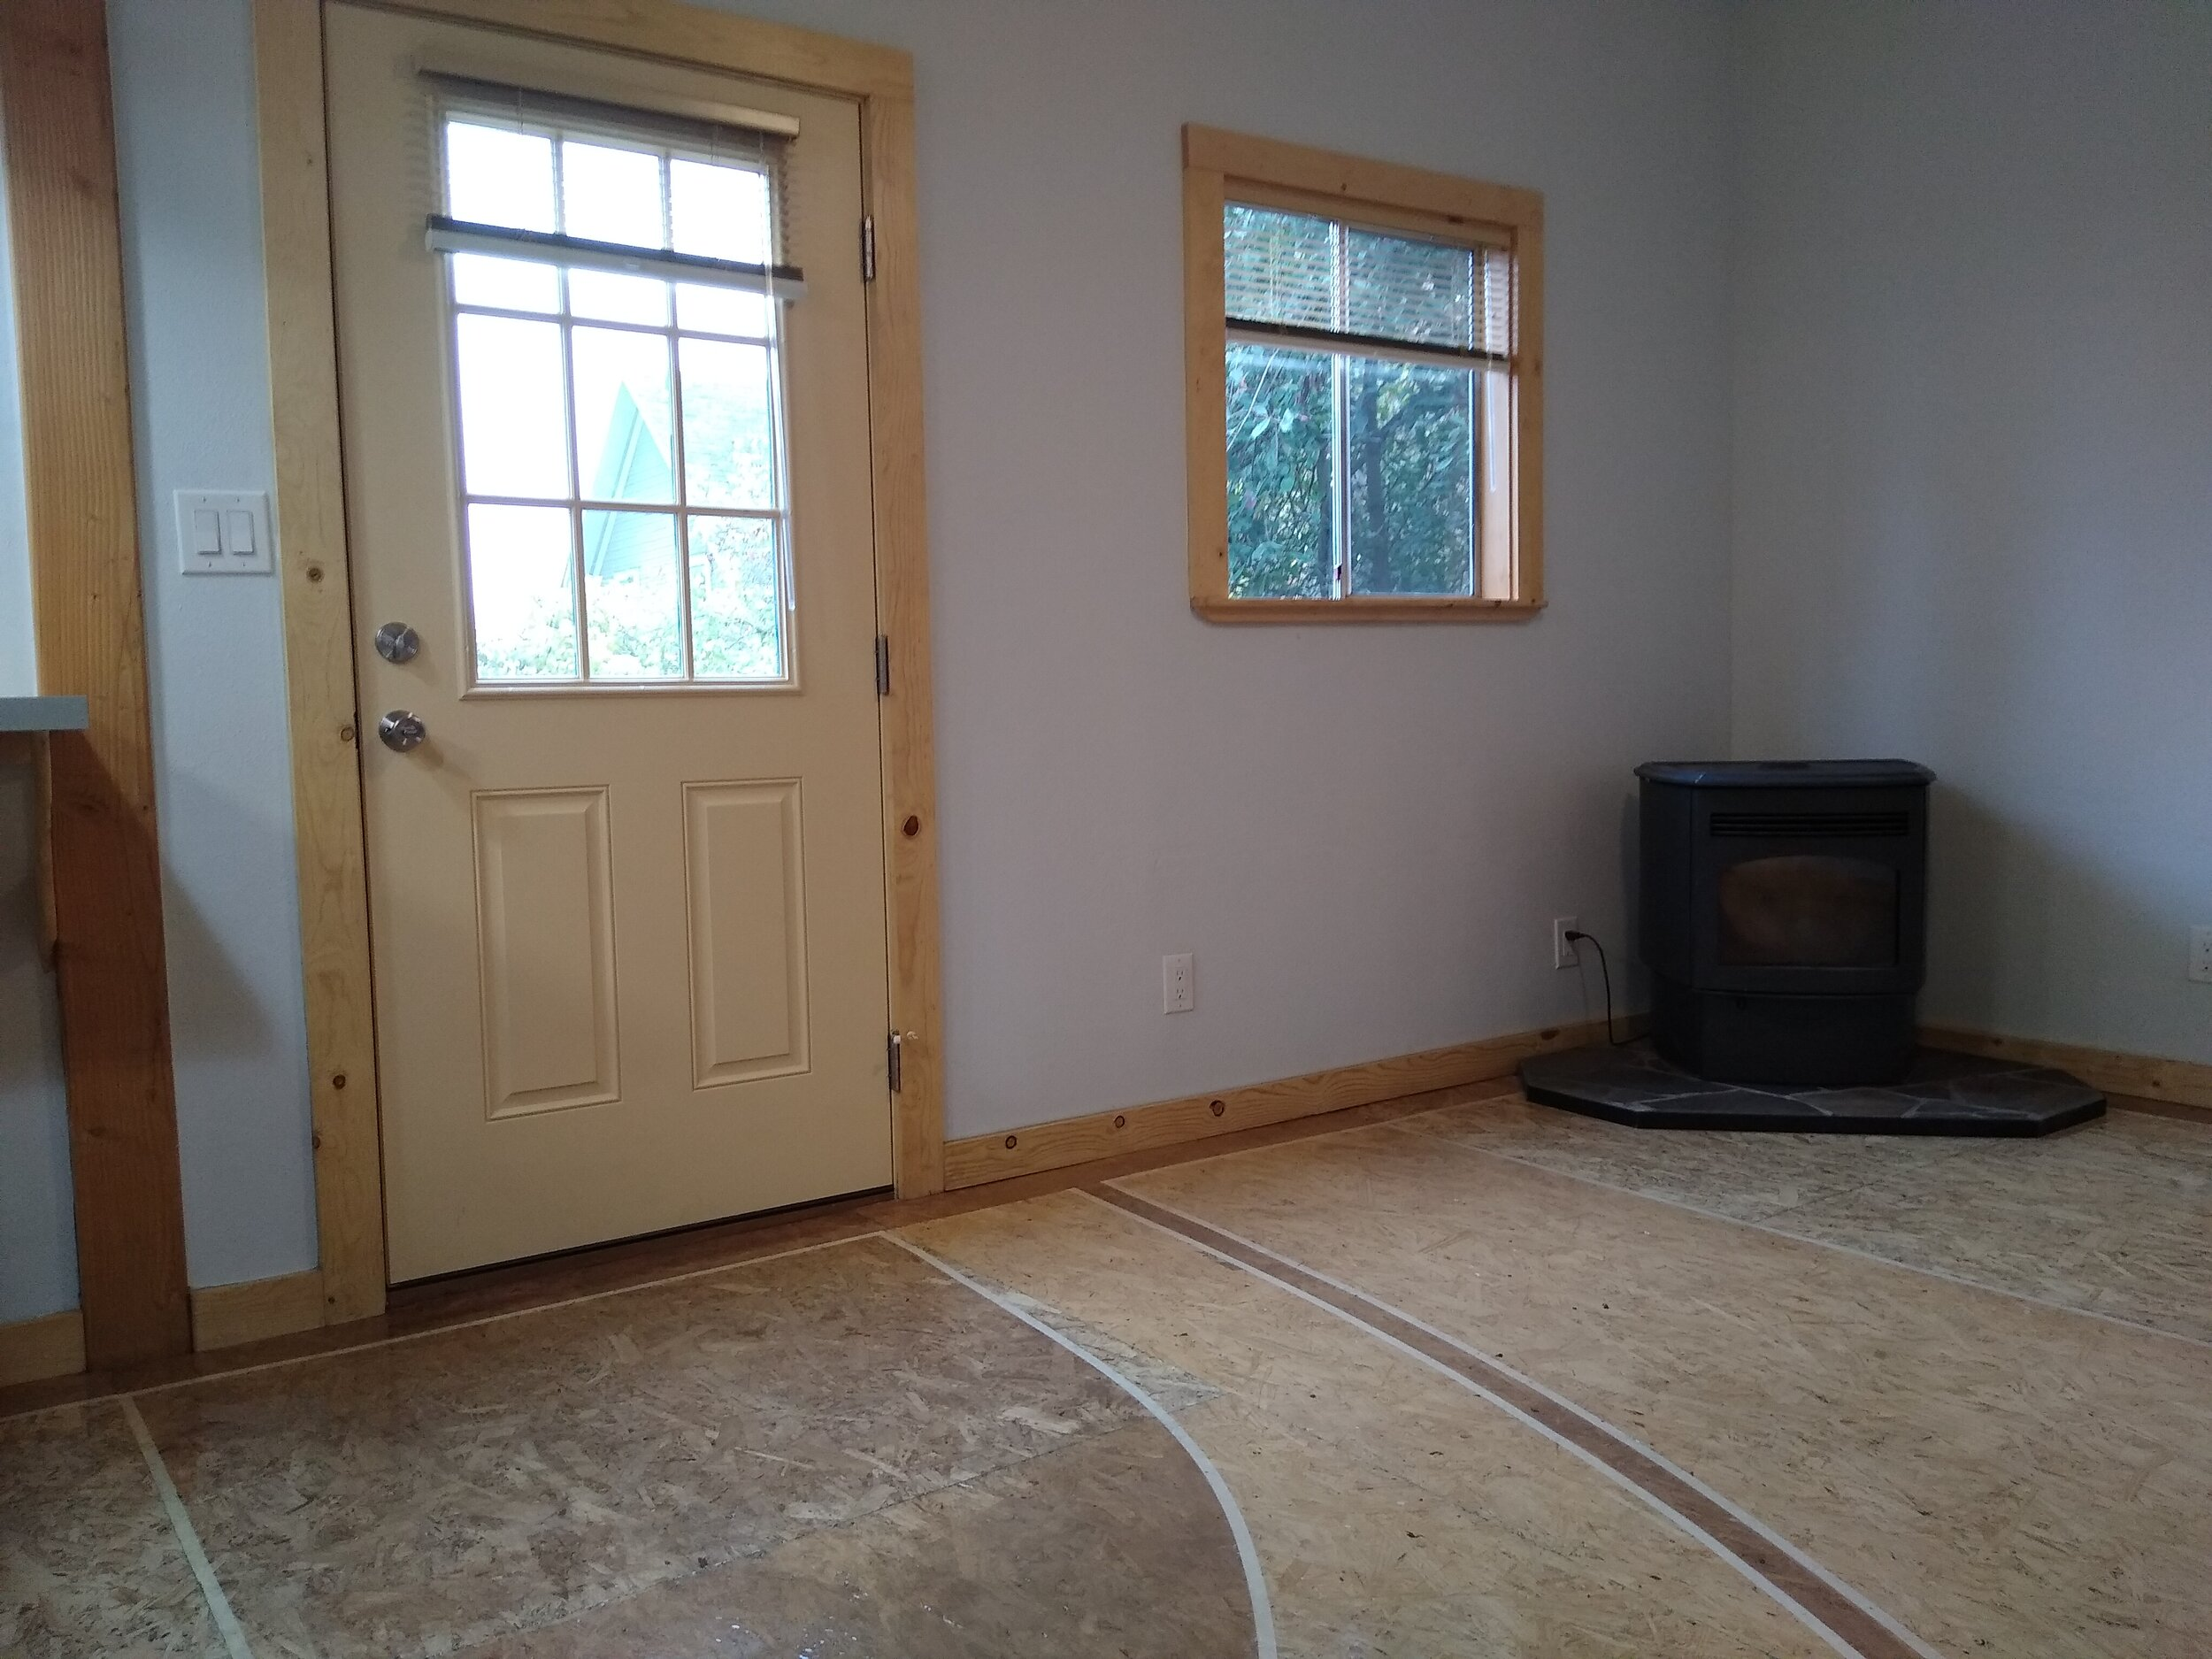 331 mcclaine 1 bedroom (17).jpg